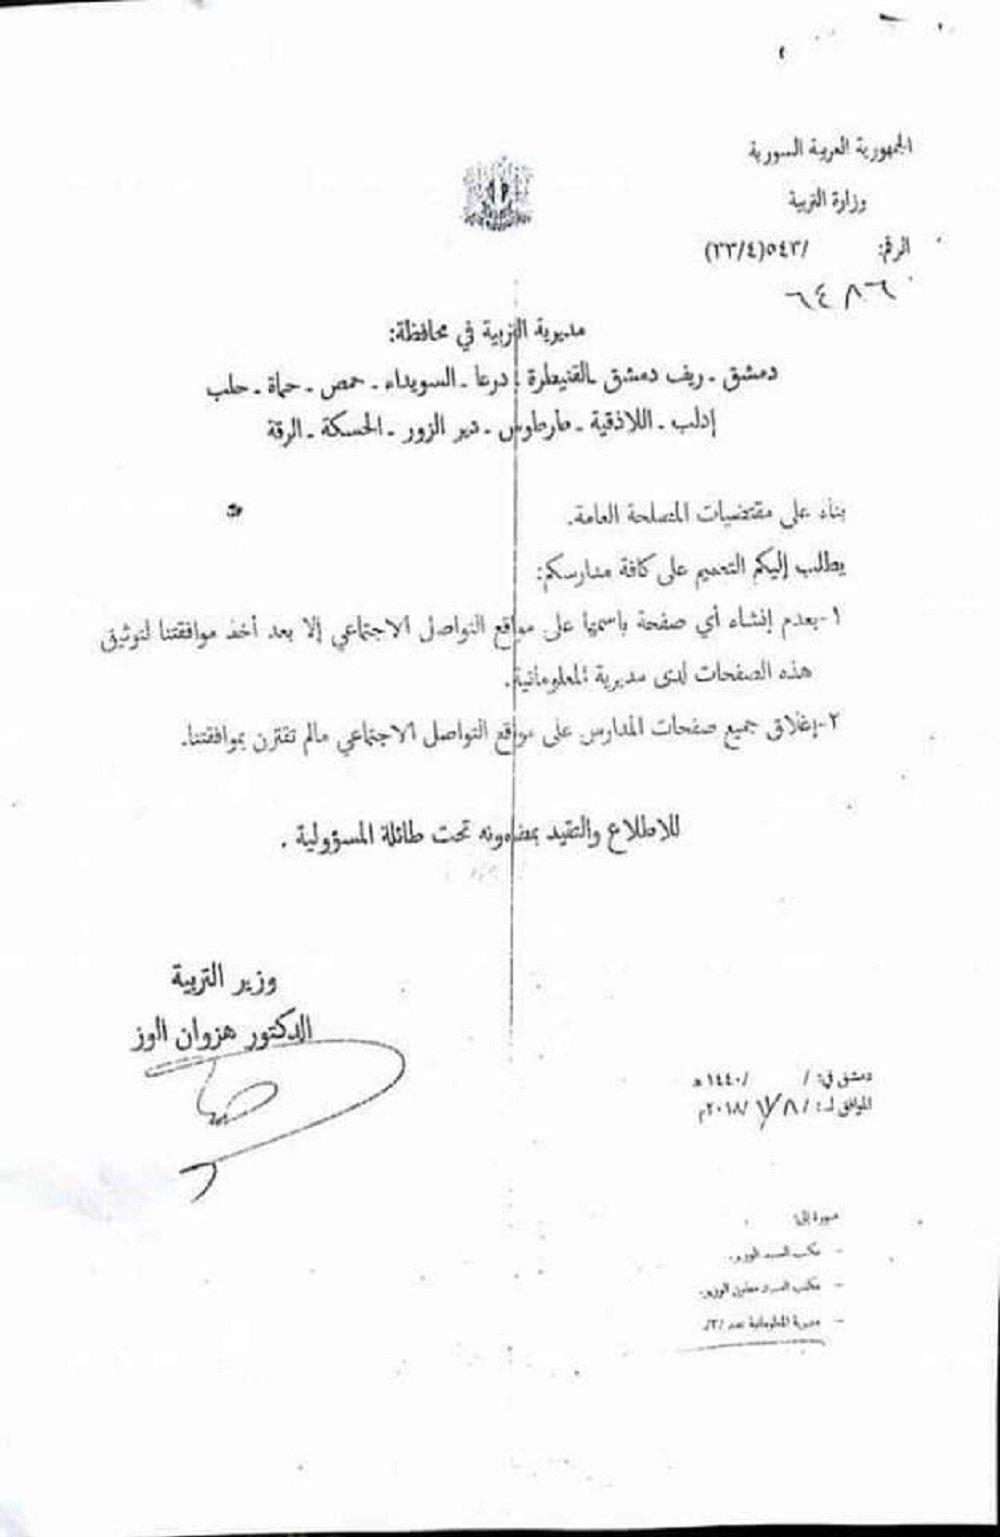 قرار وزير التربية السورية إغلاق صفحات المدارس على مواقع التواصل الاجتماعي